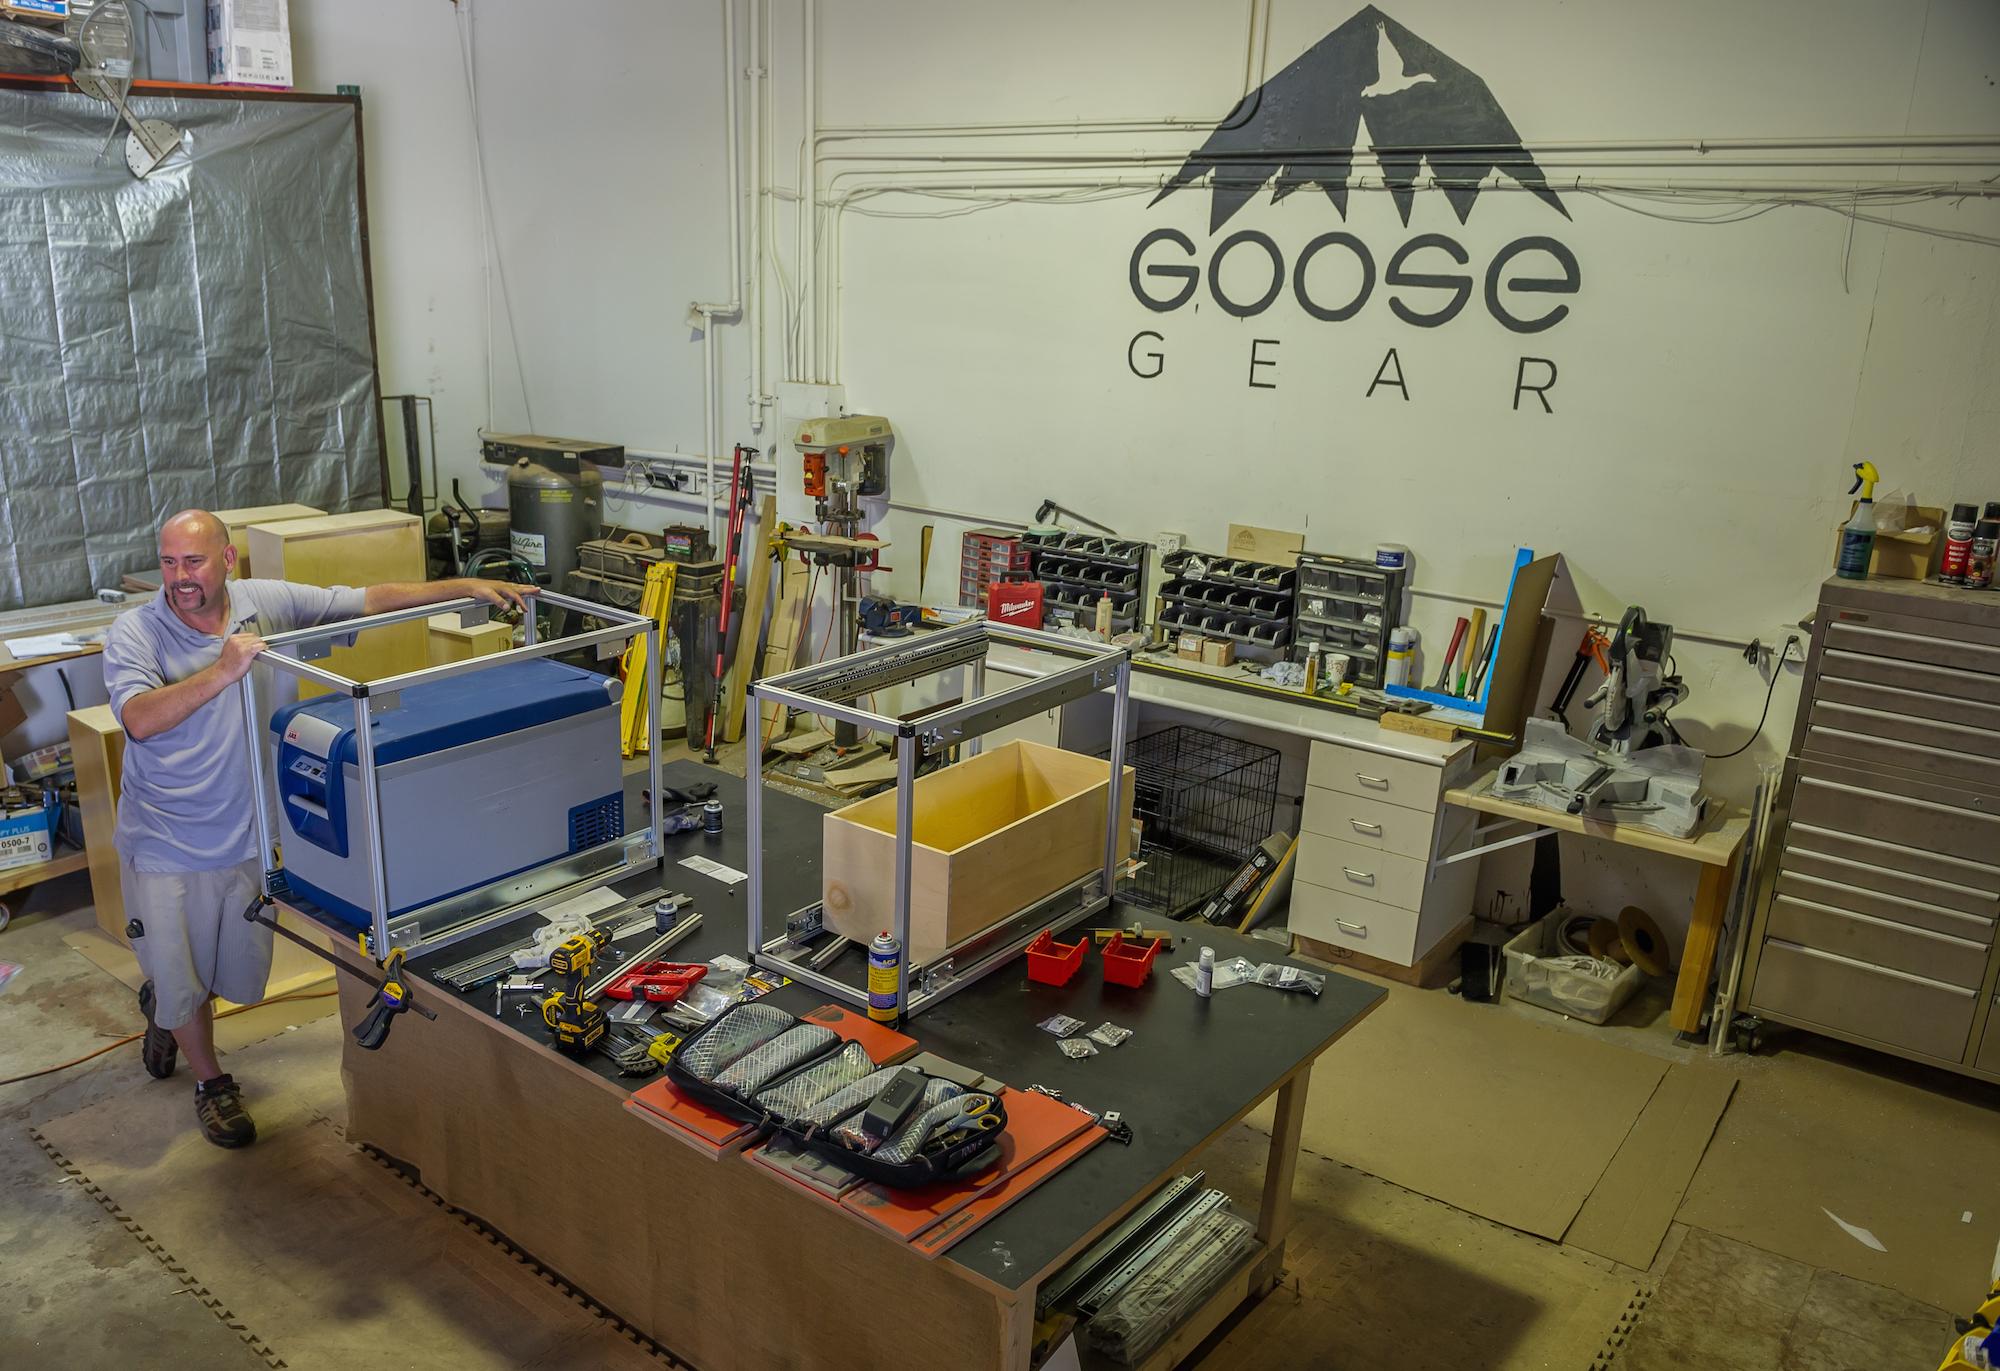 matt goose gear adventure driven-1